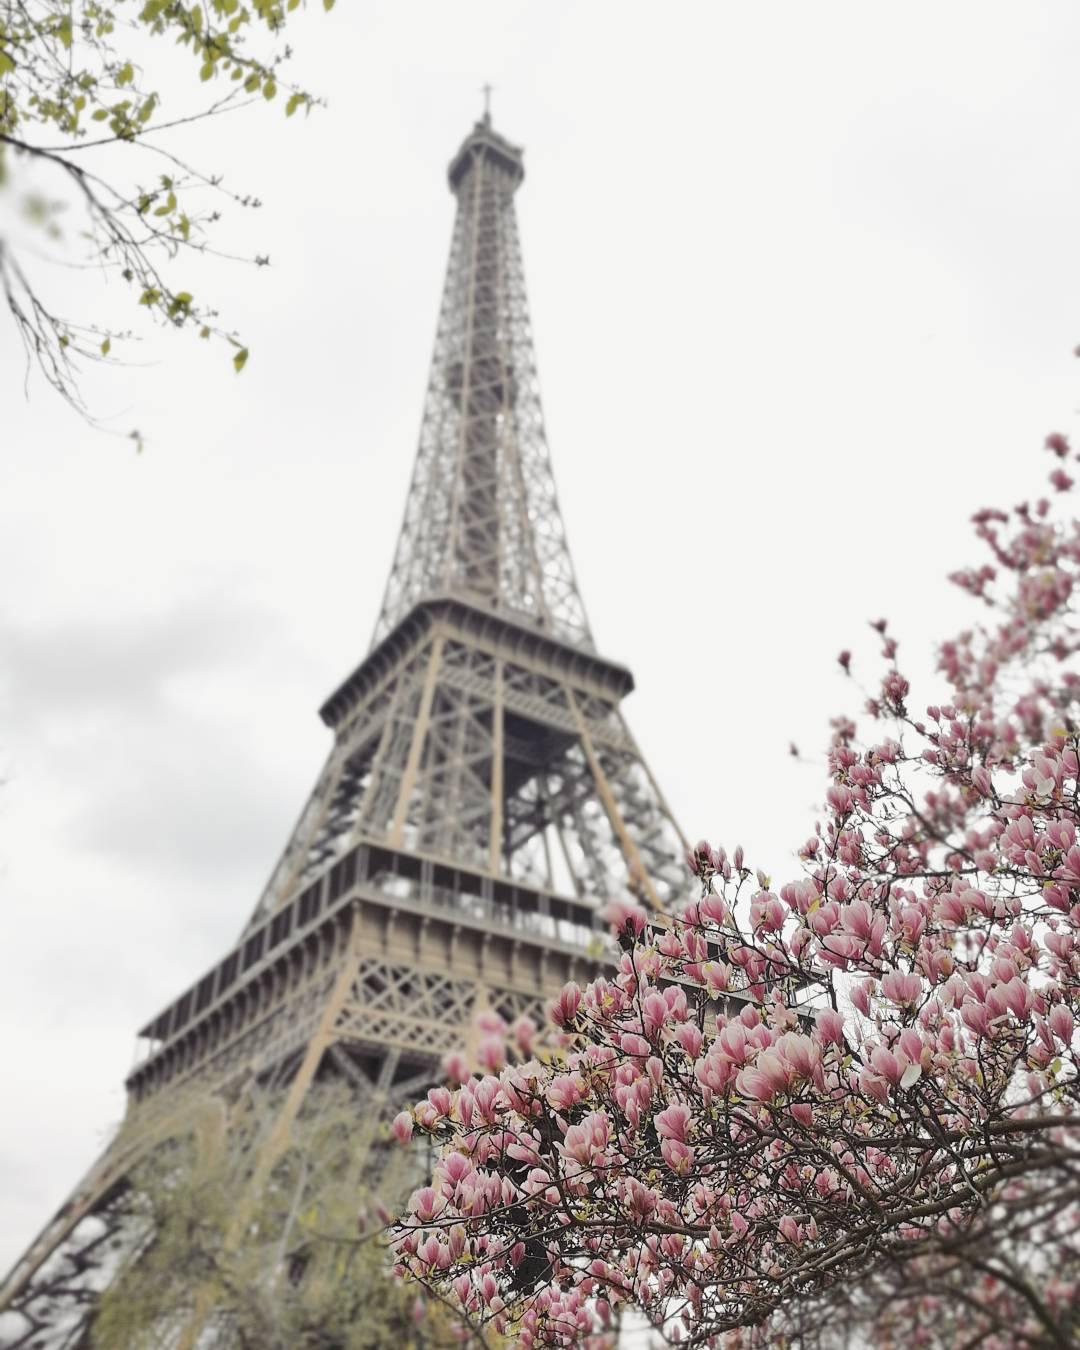 cosa fotografare a parigi: la tour eiffel decorata da fiori rosa